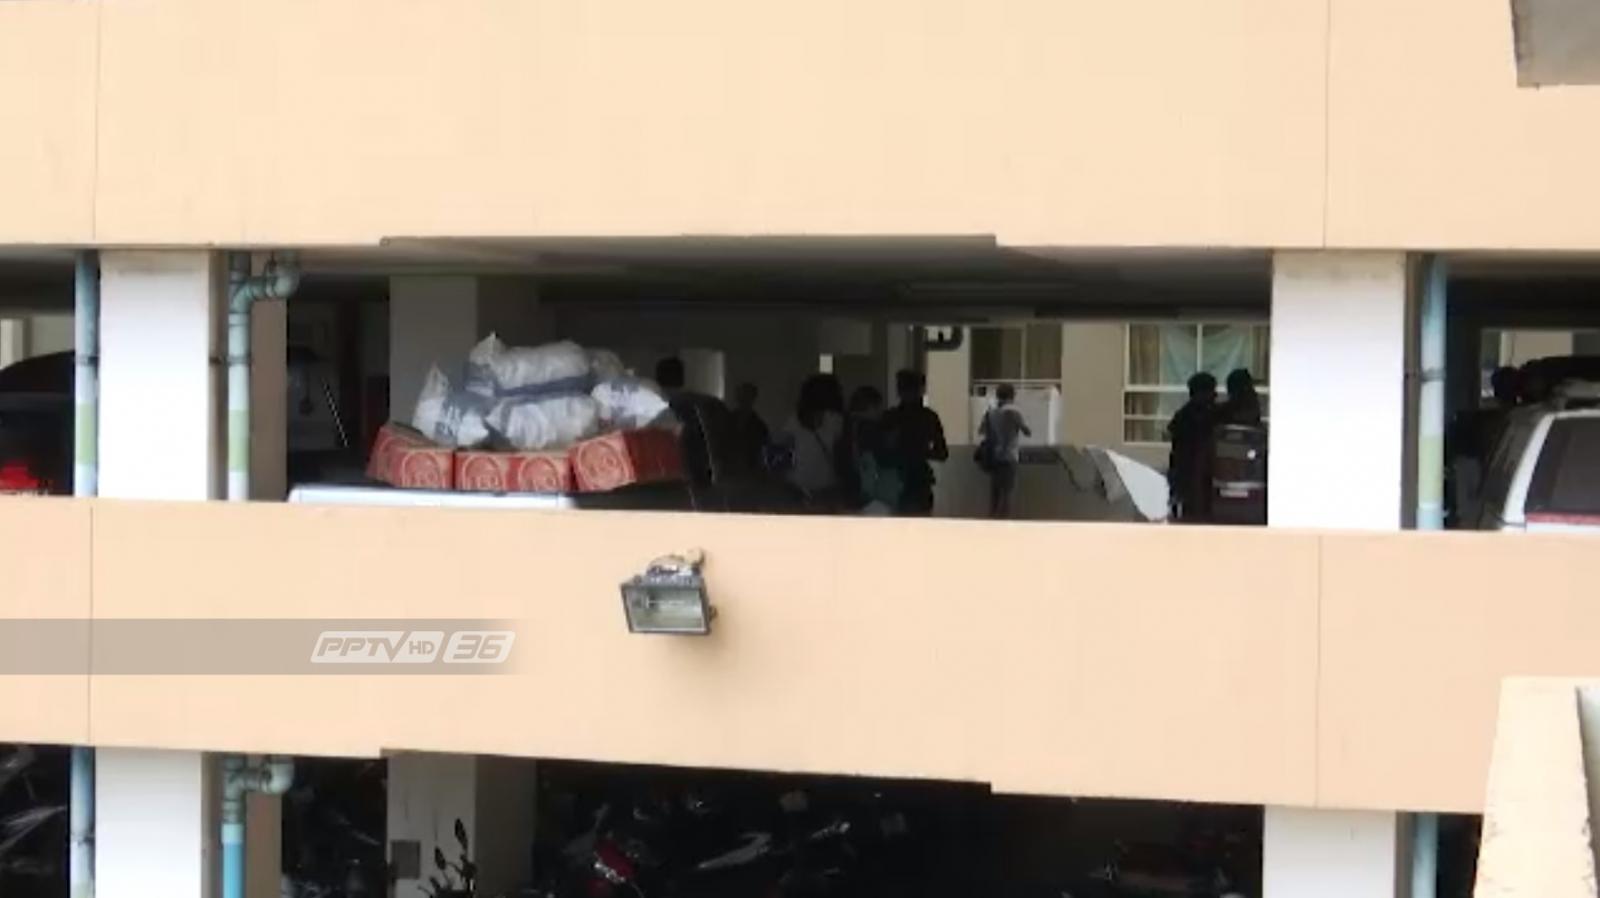 สภาวิศวกรเตรียมตรวจสอบแผงกั้นรถจากเหตุรถตกตึกชั้น 4